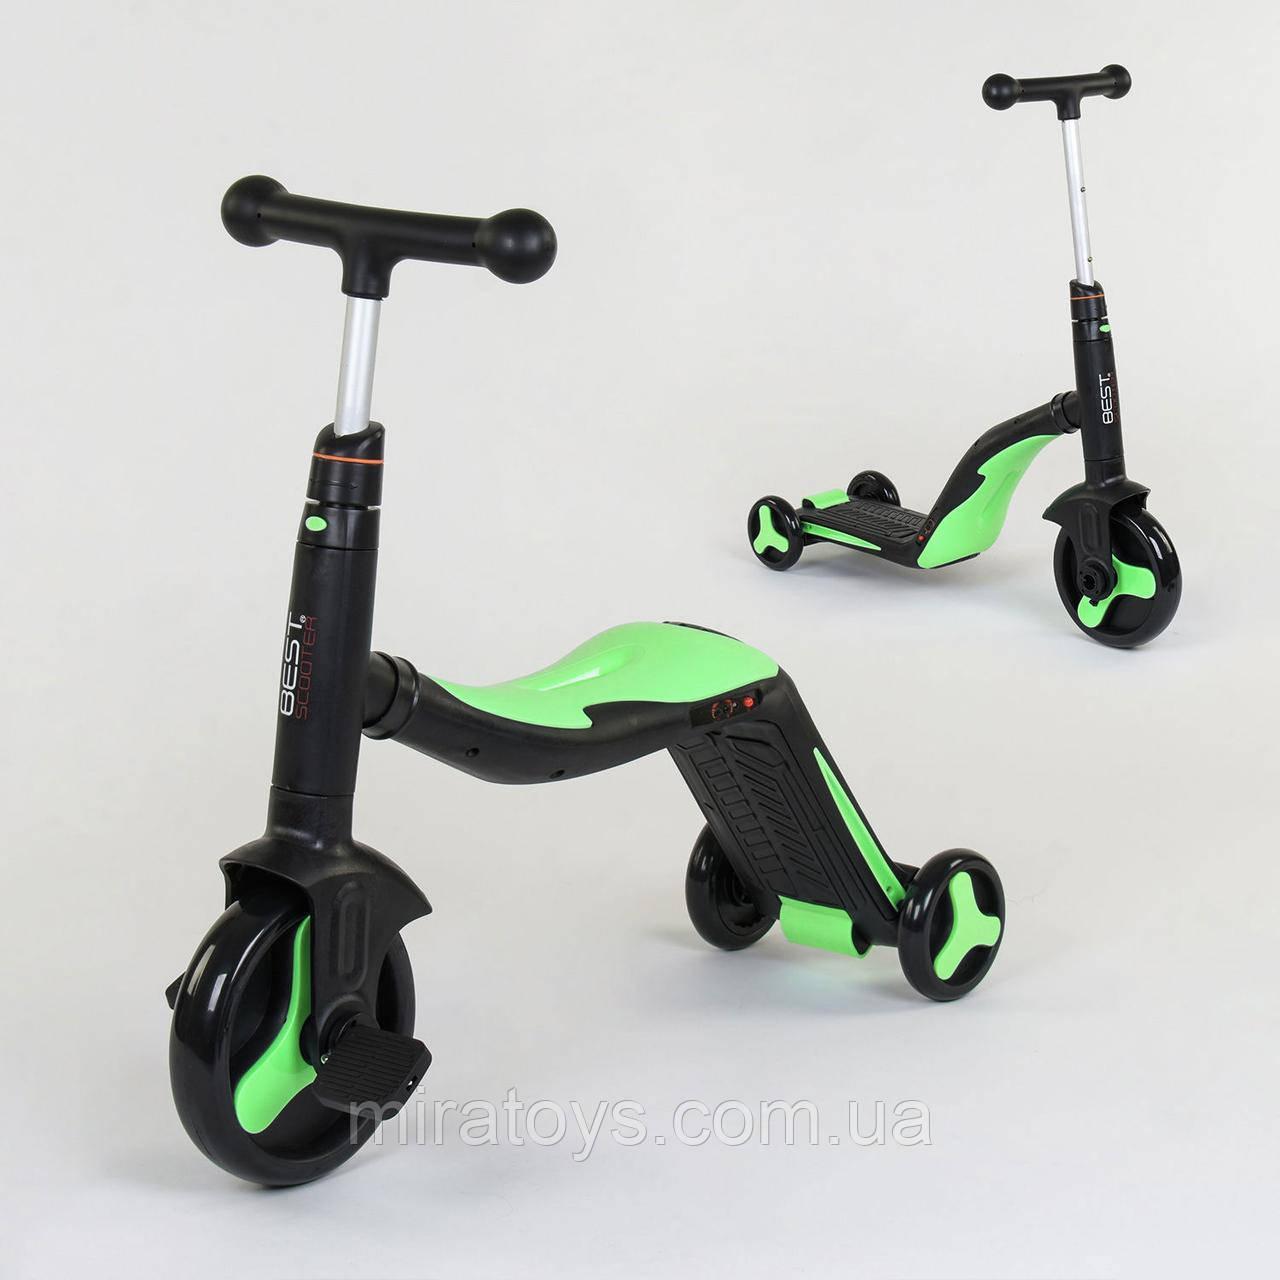 Самокат-велобег-велосипед детский best scooter 3в1 со светом и музыкой 40405